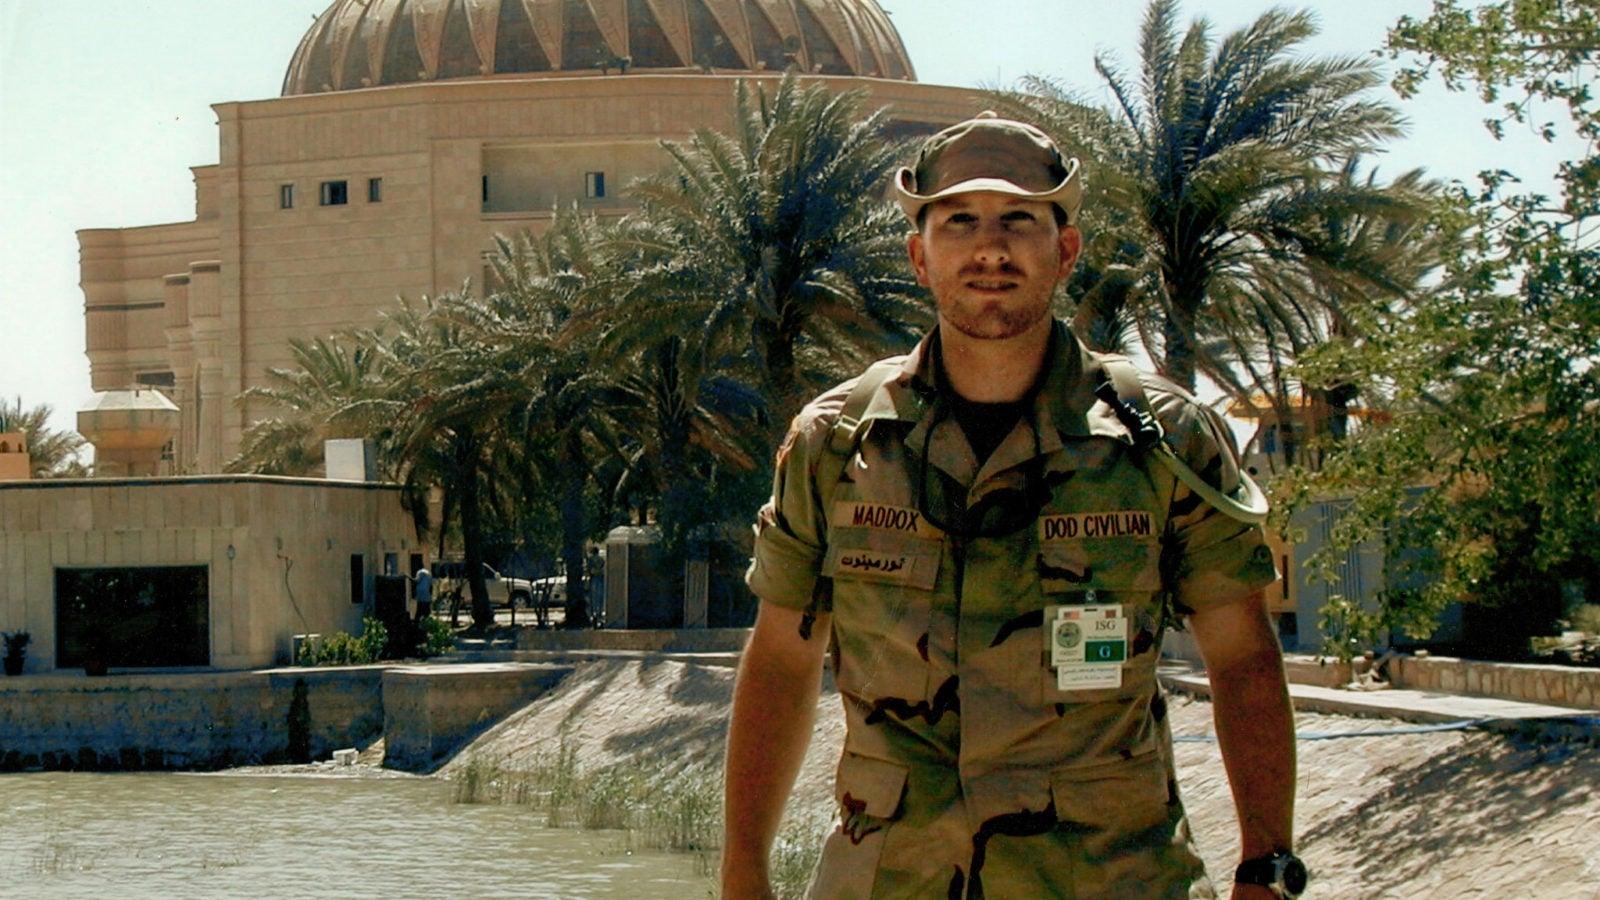 J.D. Maddox in Iraq